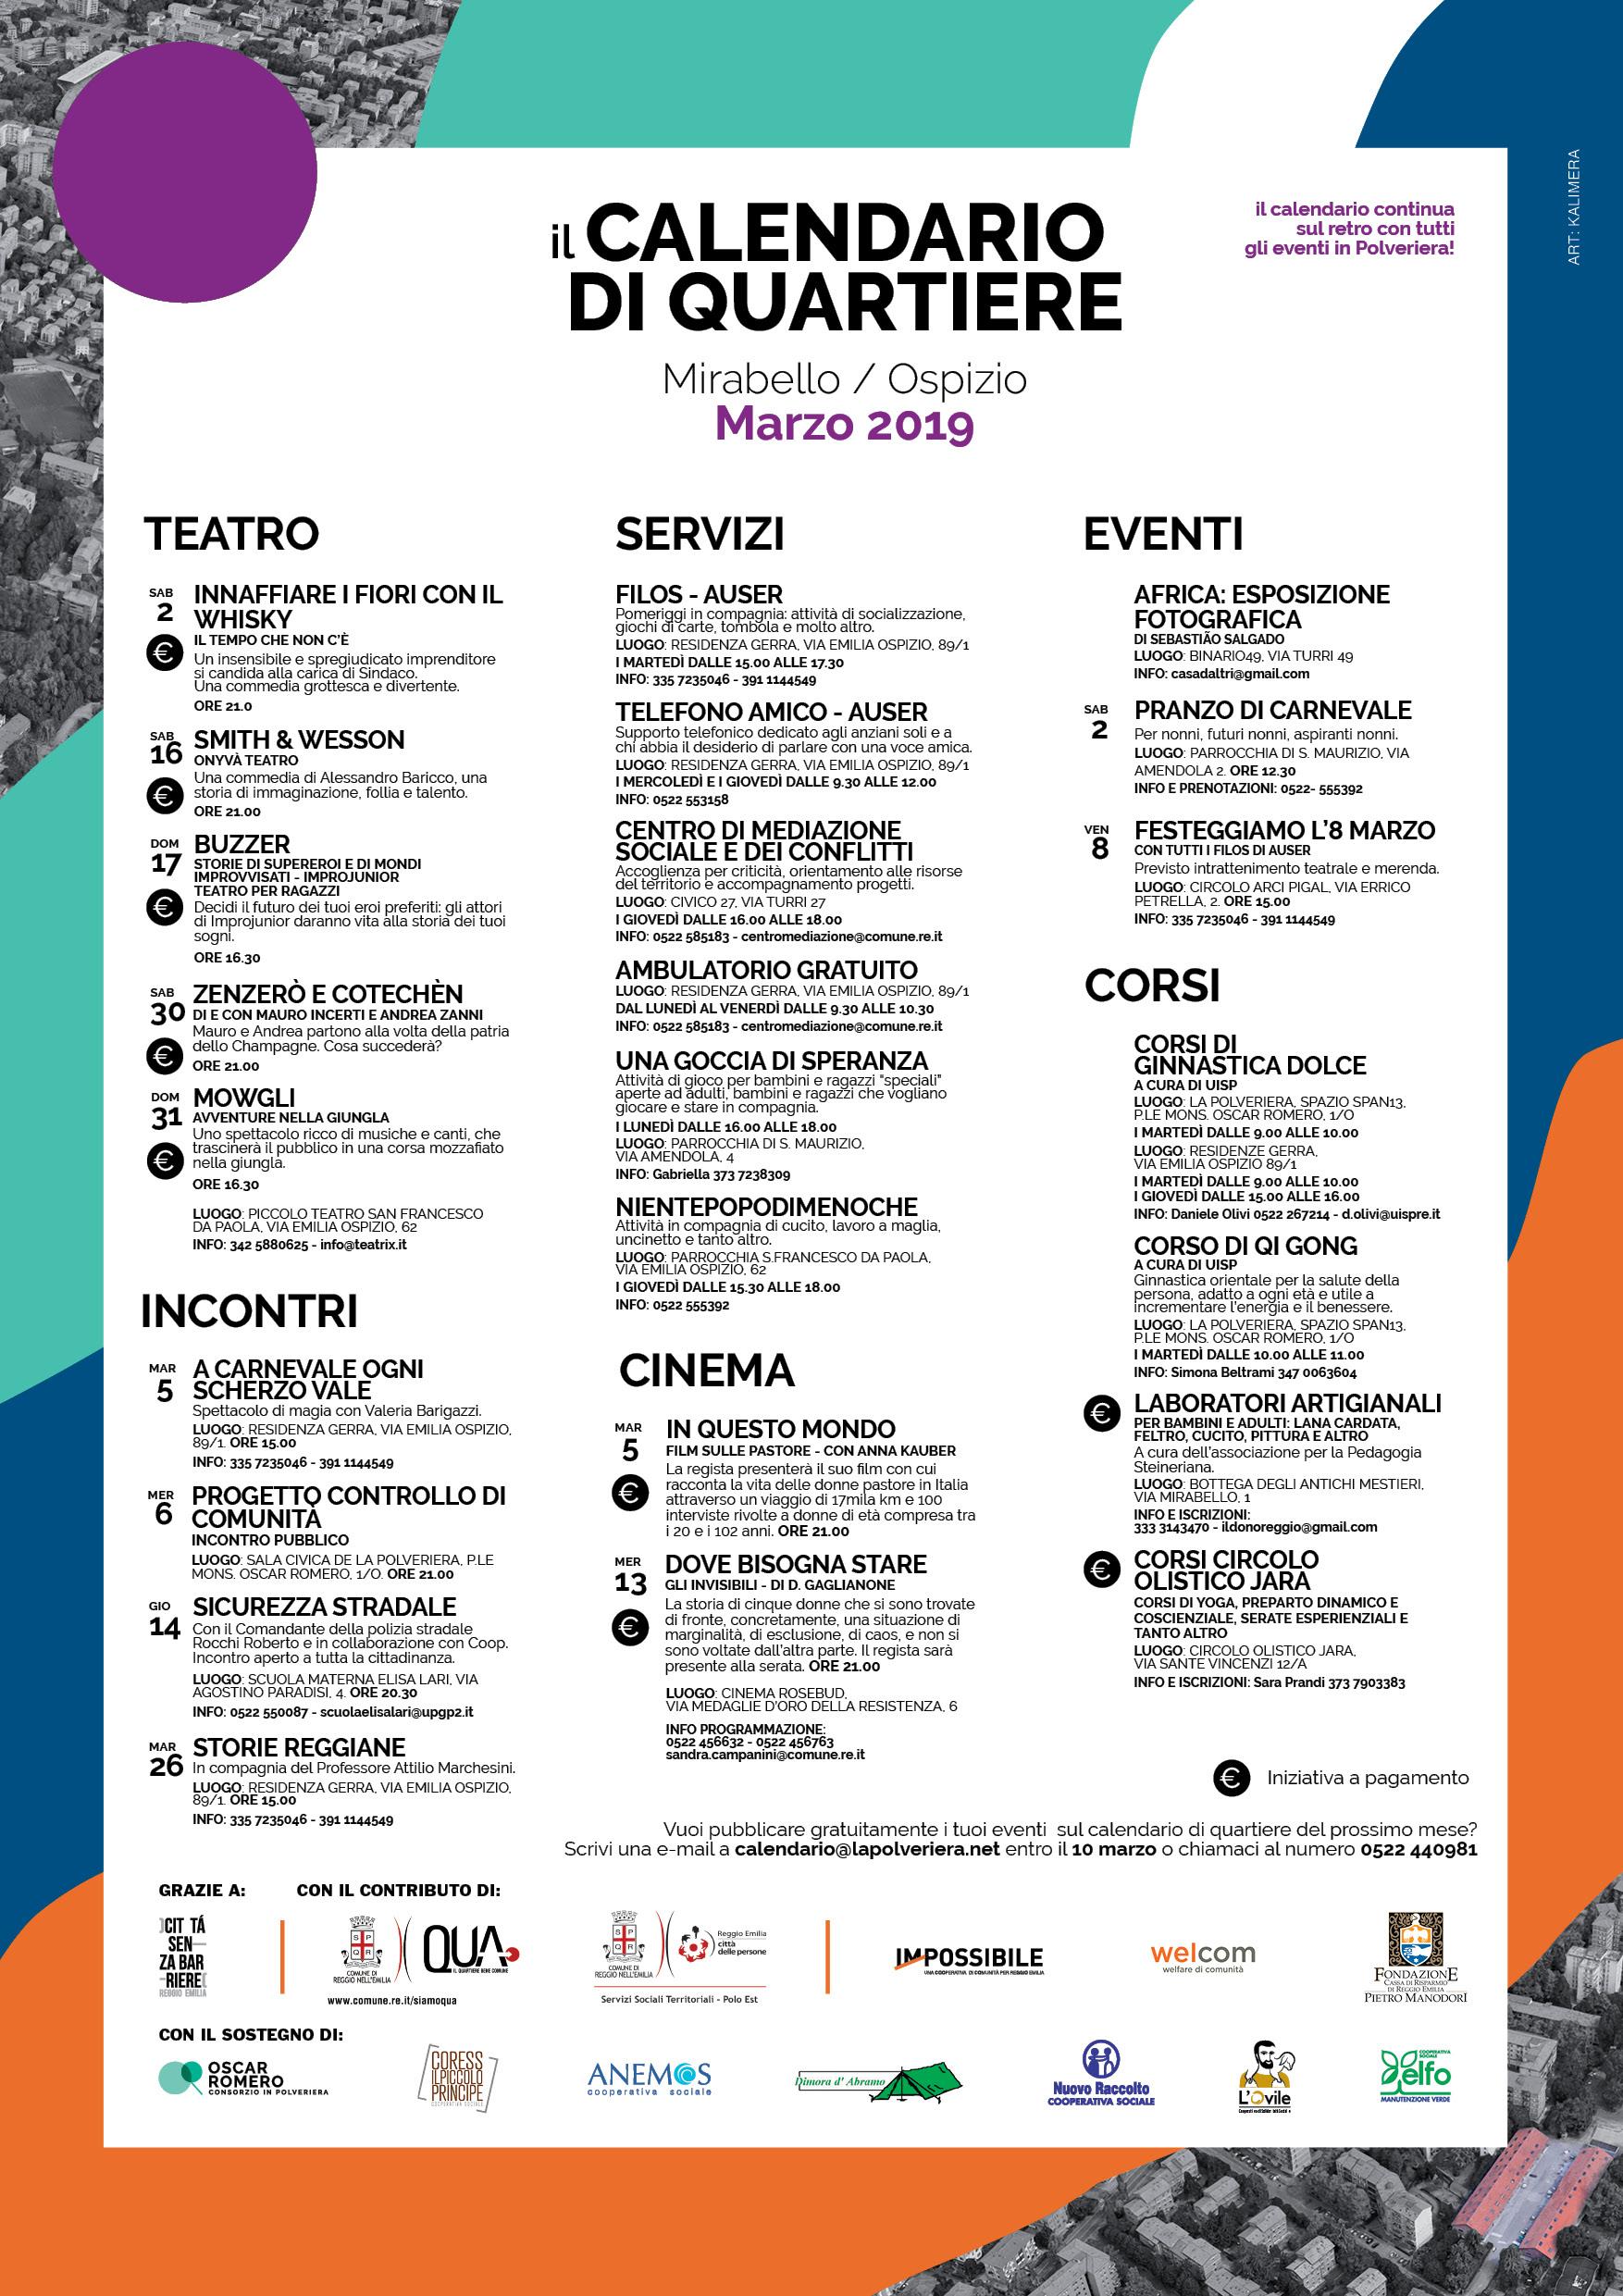 Calendario Eventi.Calendario Eventi Calendario Di Quartiere Marzo 2019